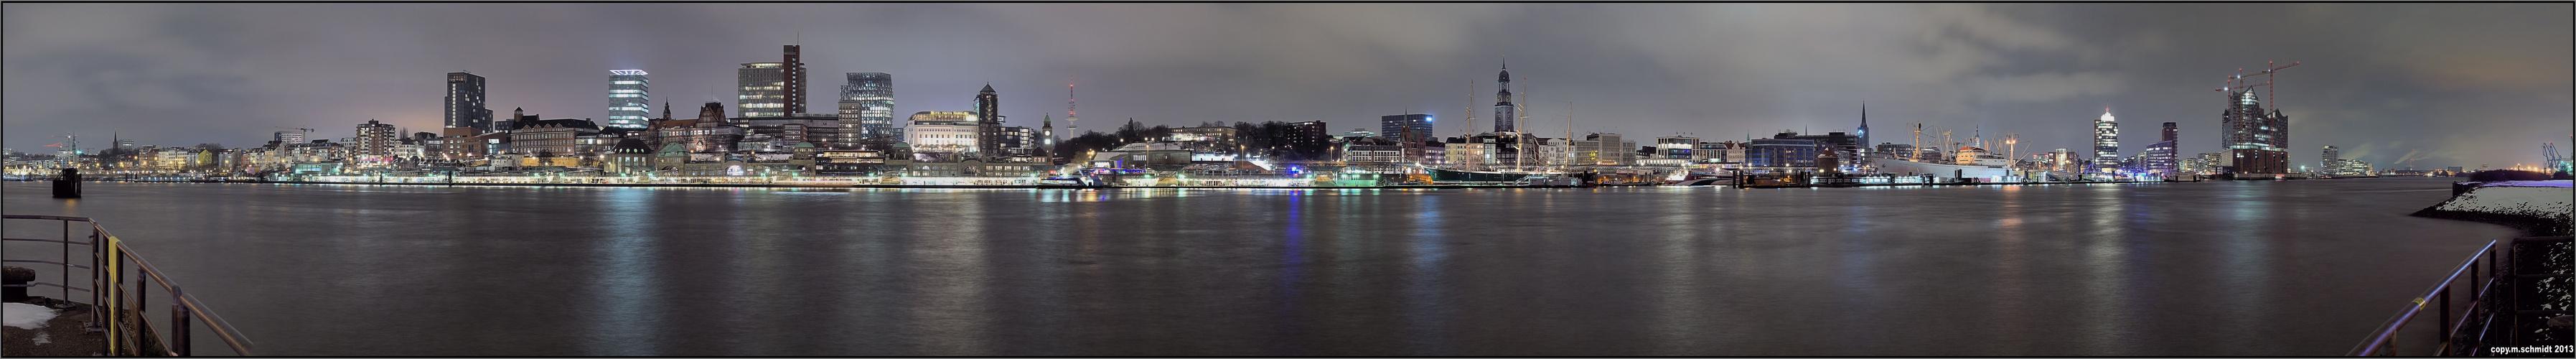 +Hafen Hamburg+